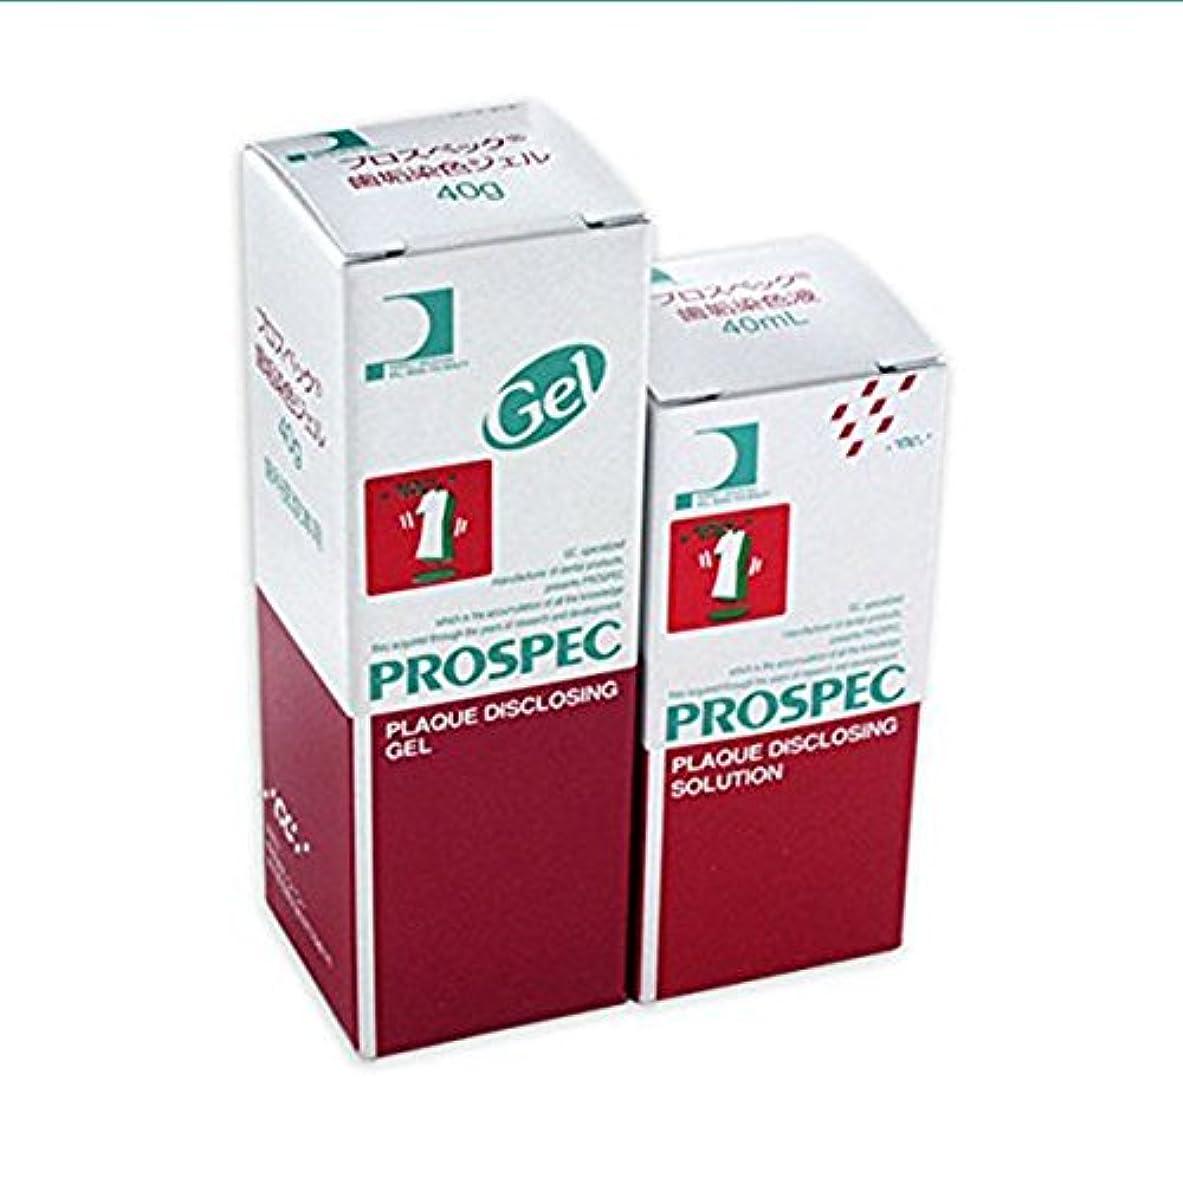 人質潮プロテスタントプロスペック プロスペック 歯垢染色液 40ml単品